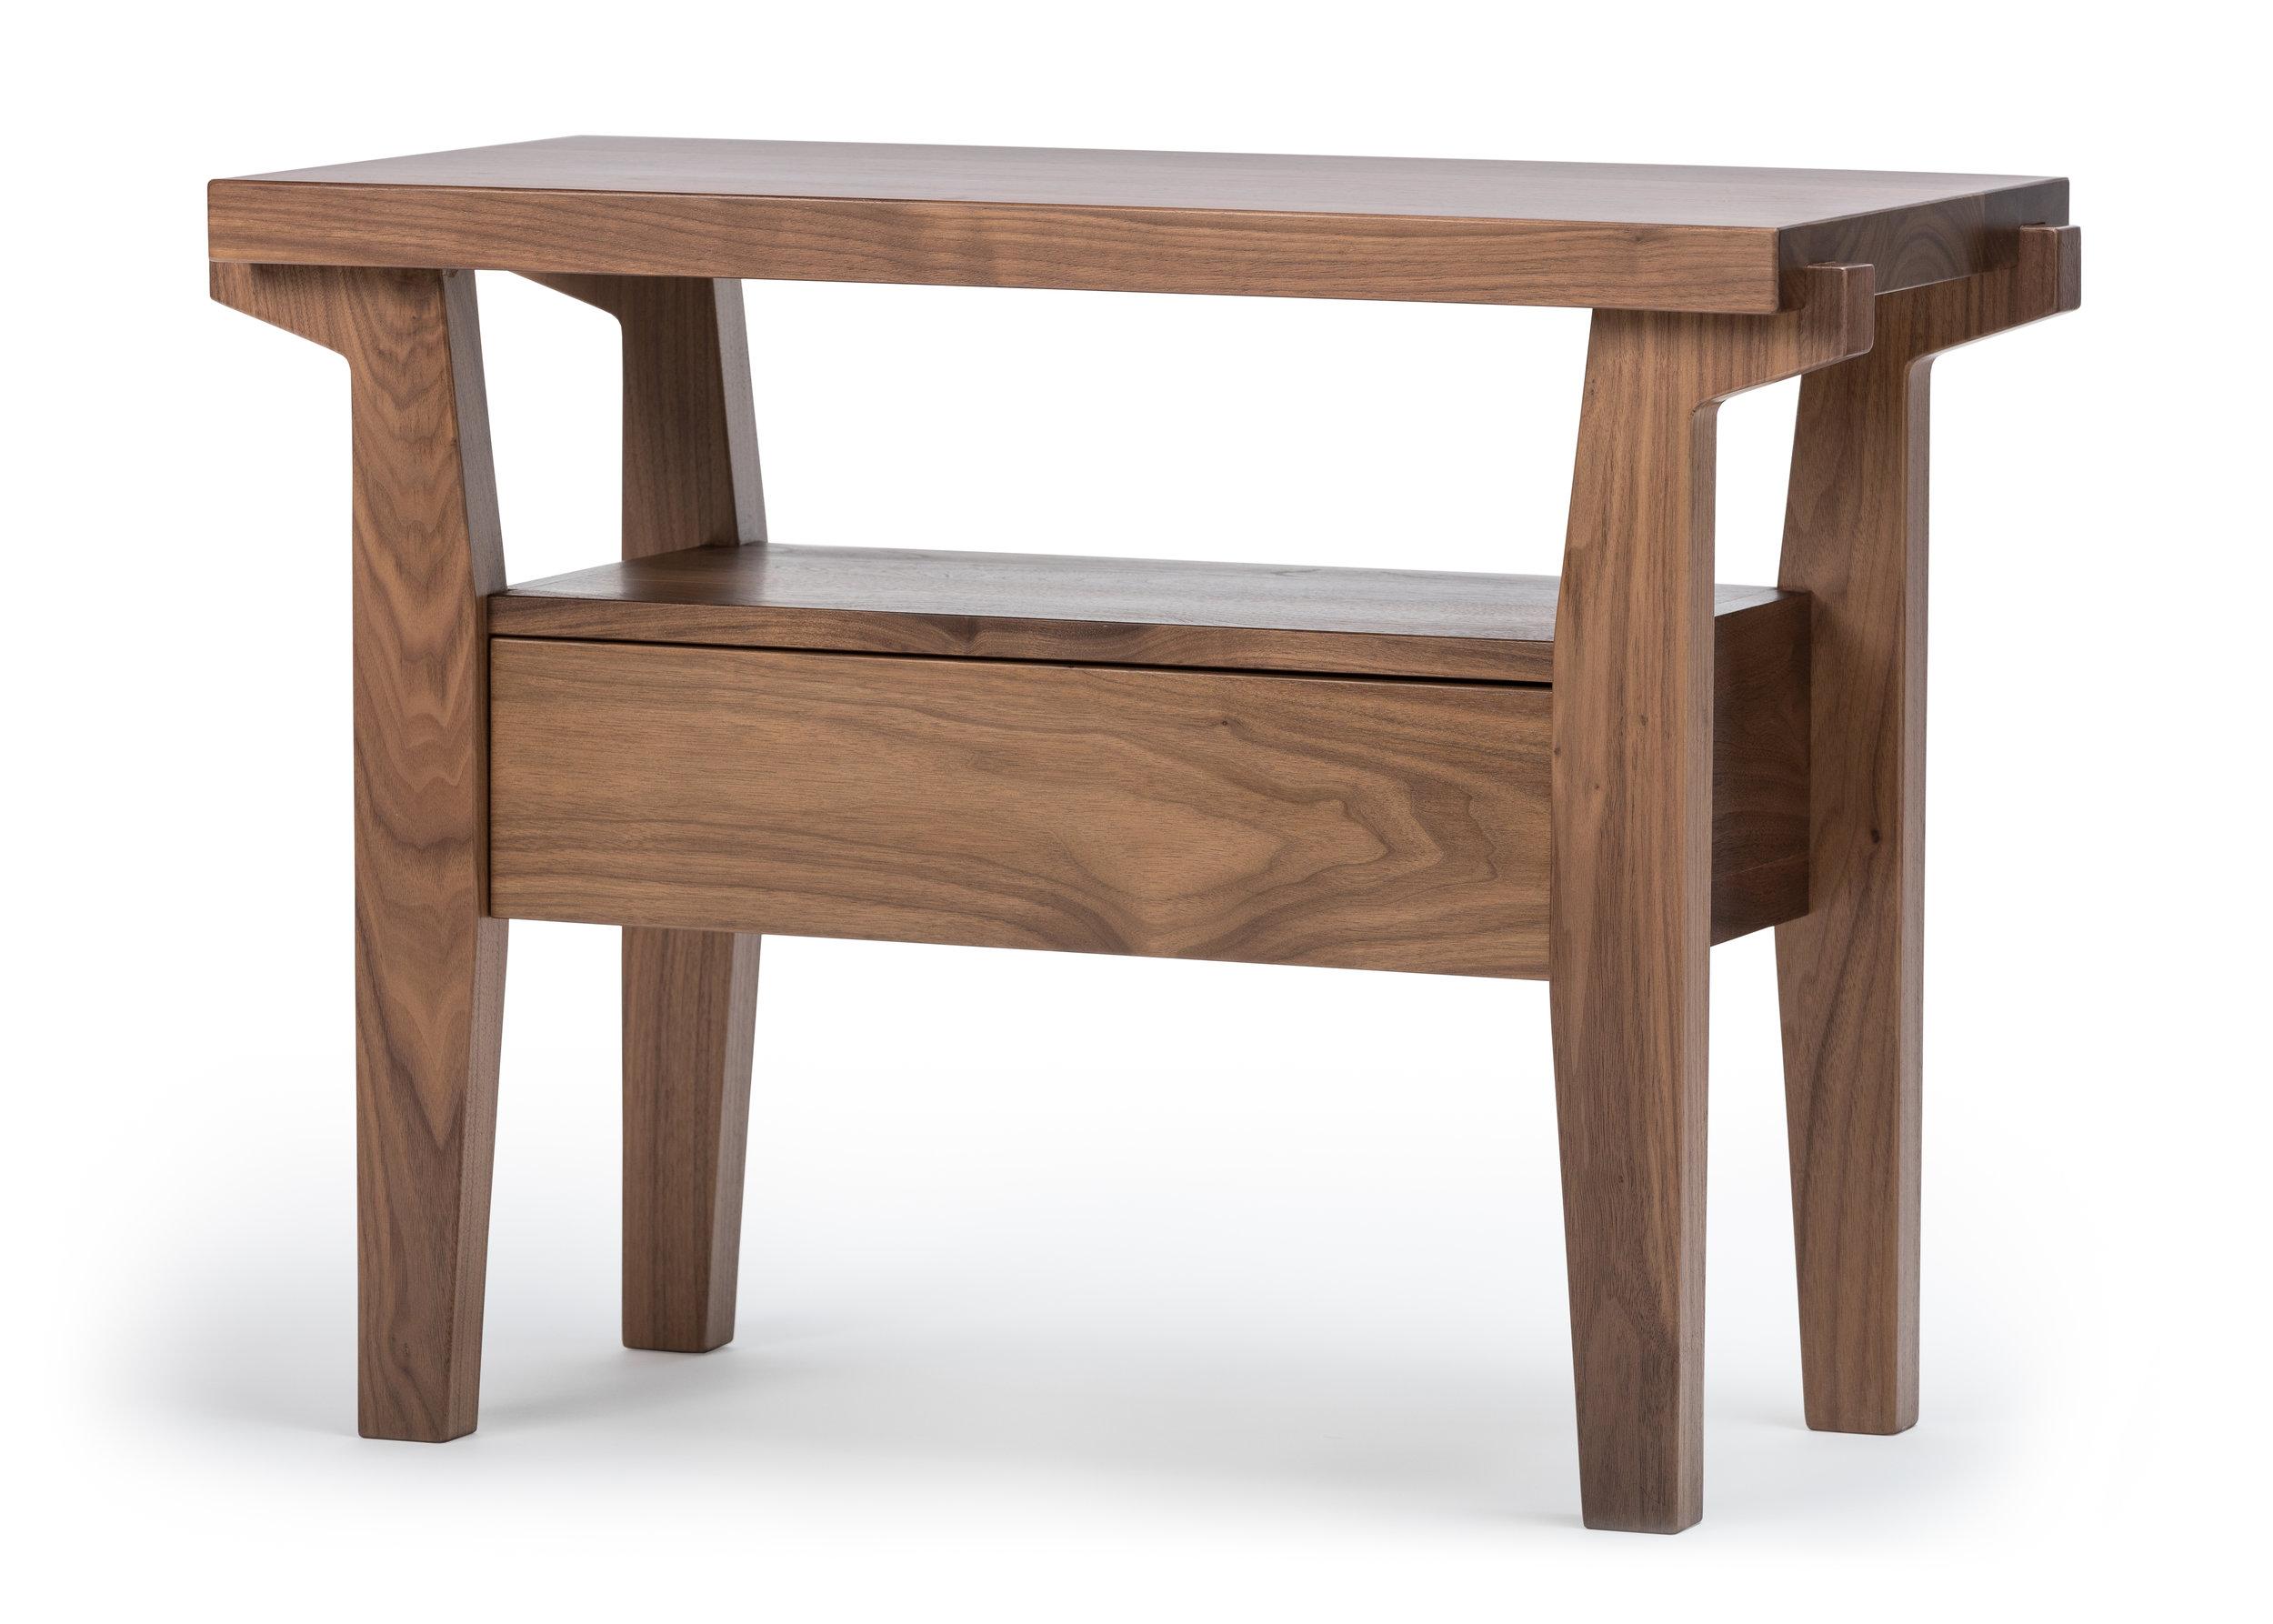 Apres Vous Side Table